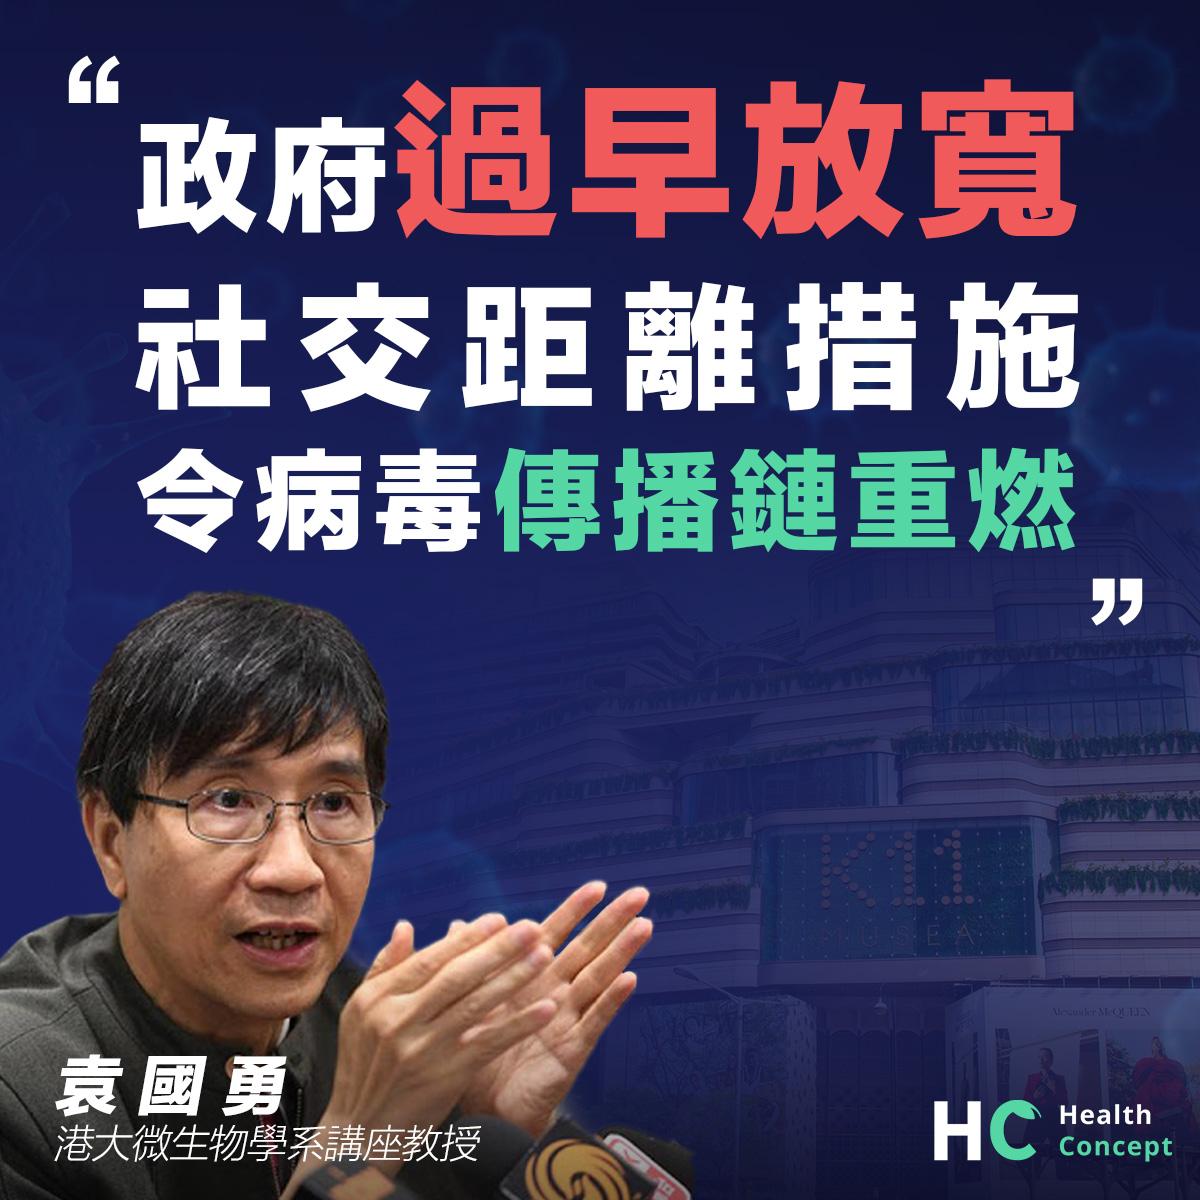 袁國勇:政府過早放寬 令病毒傳播鏈重燃